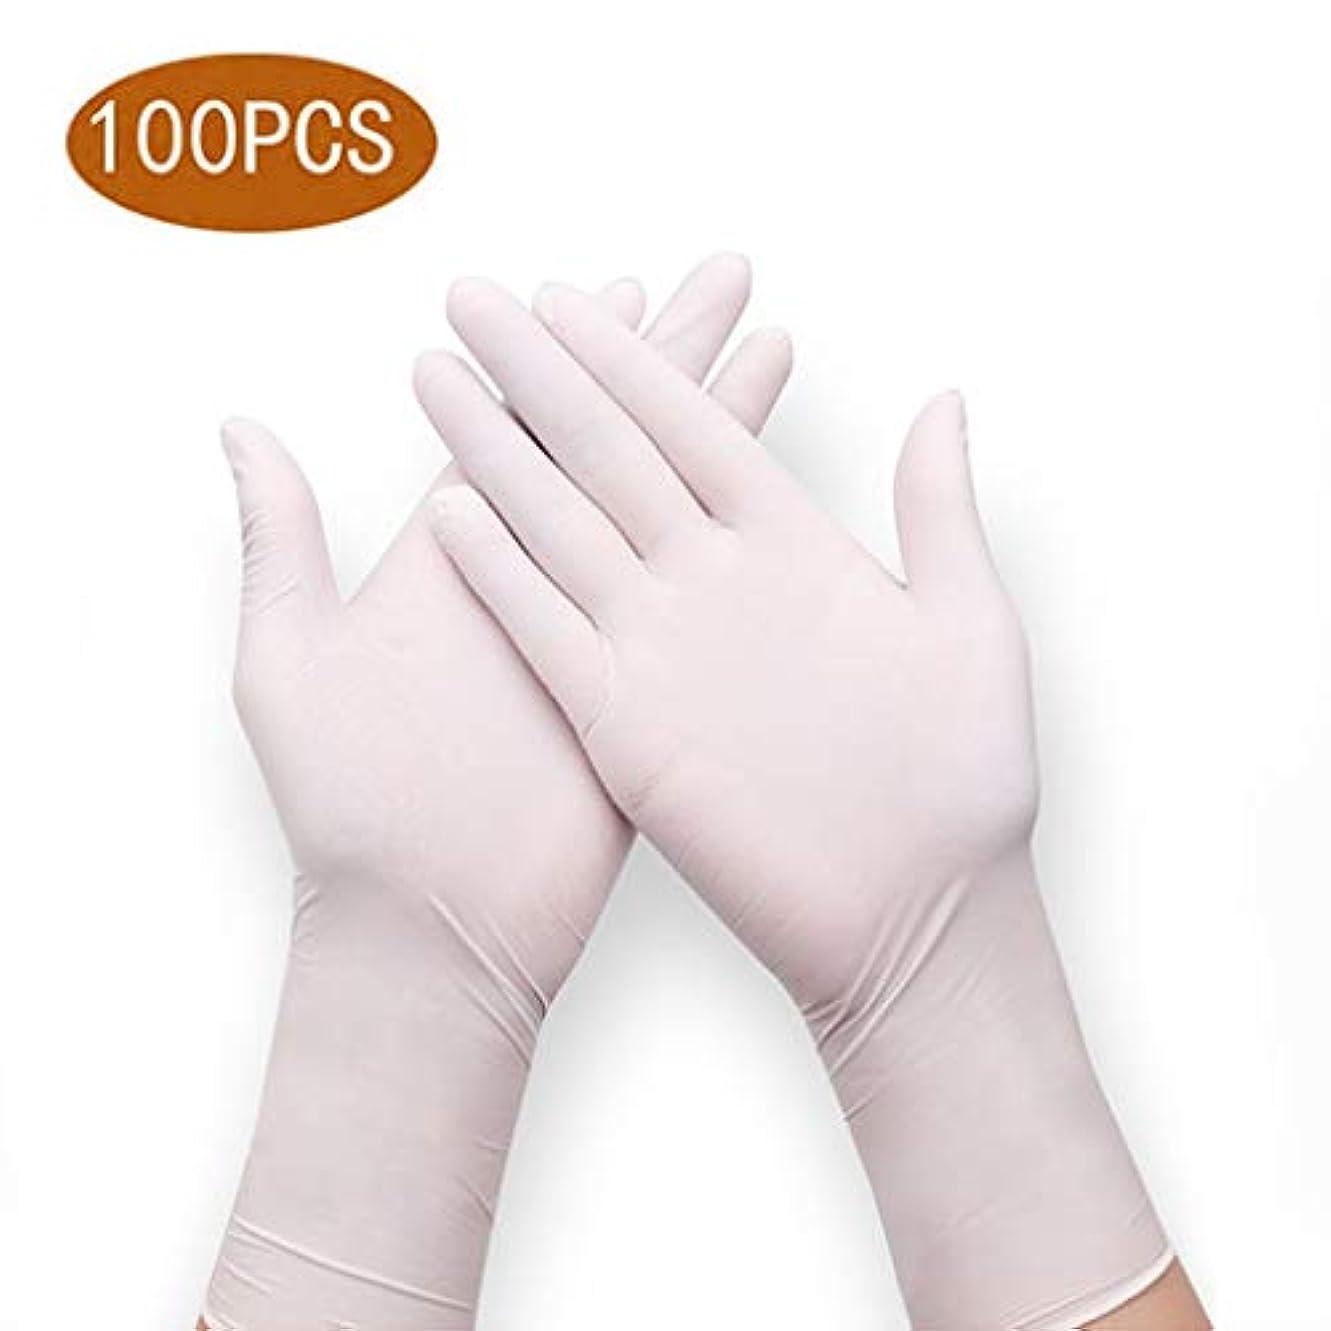 人類木製優れたニトリル手袋ビニール試験使い捨て手袋-家庭用の毎日の台所の洗浄と延長、6ミル、ゴム労働保護美容院ラテックスフリー、パウダーフリー、両手利き、100個 (Size : M)